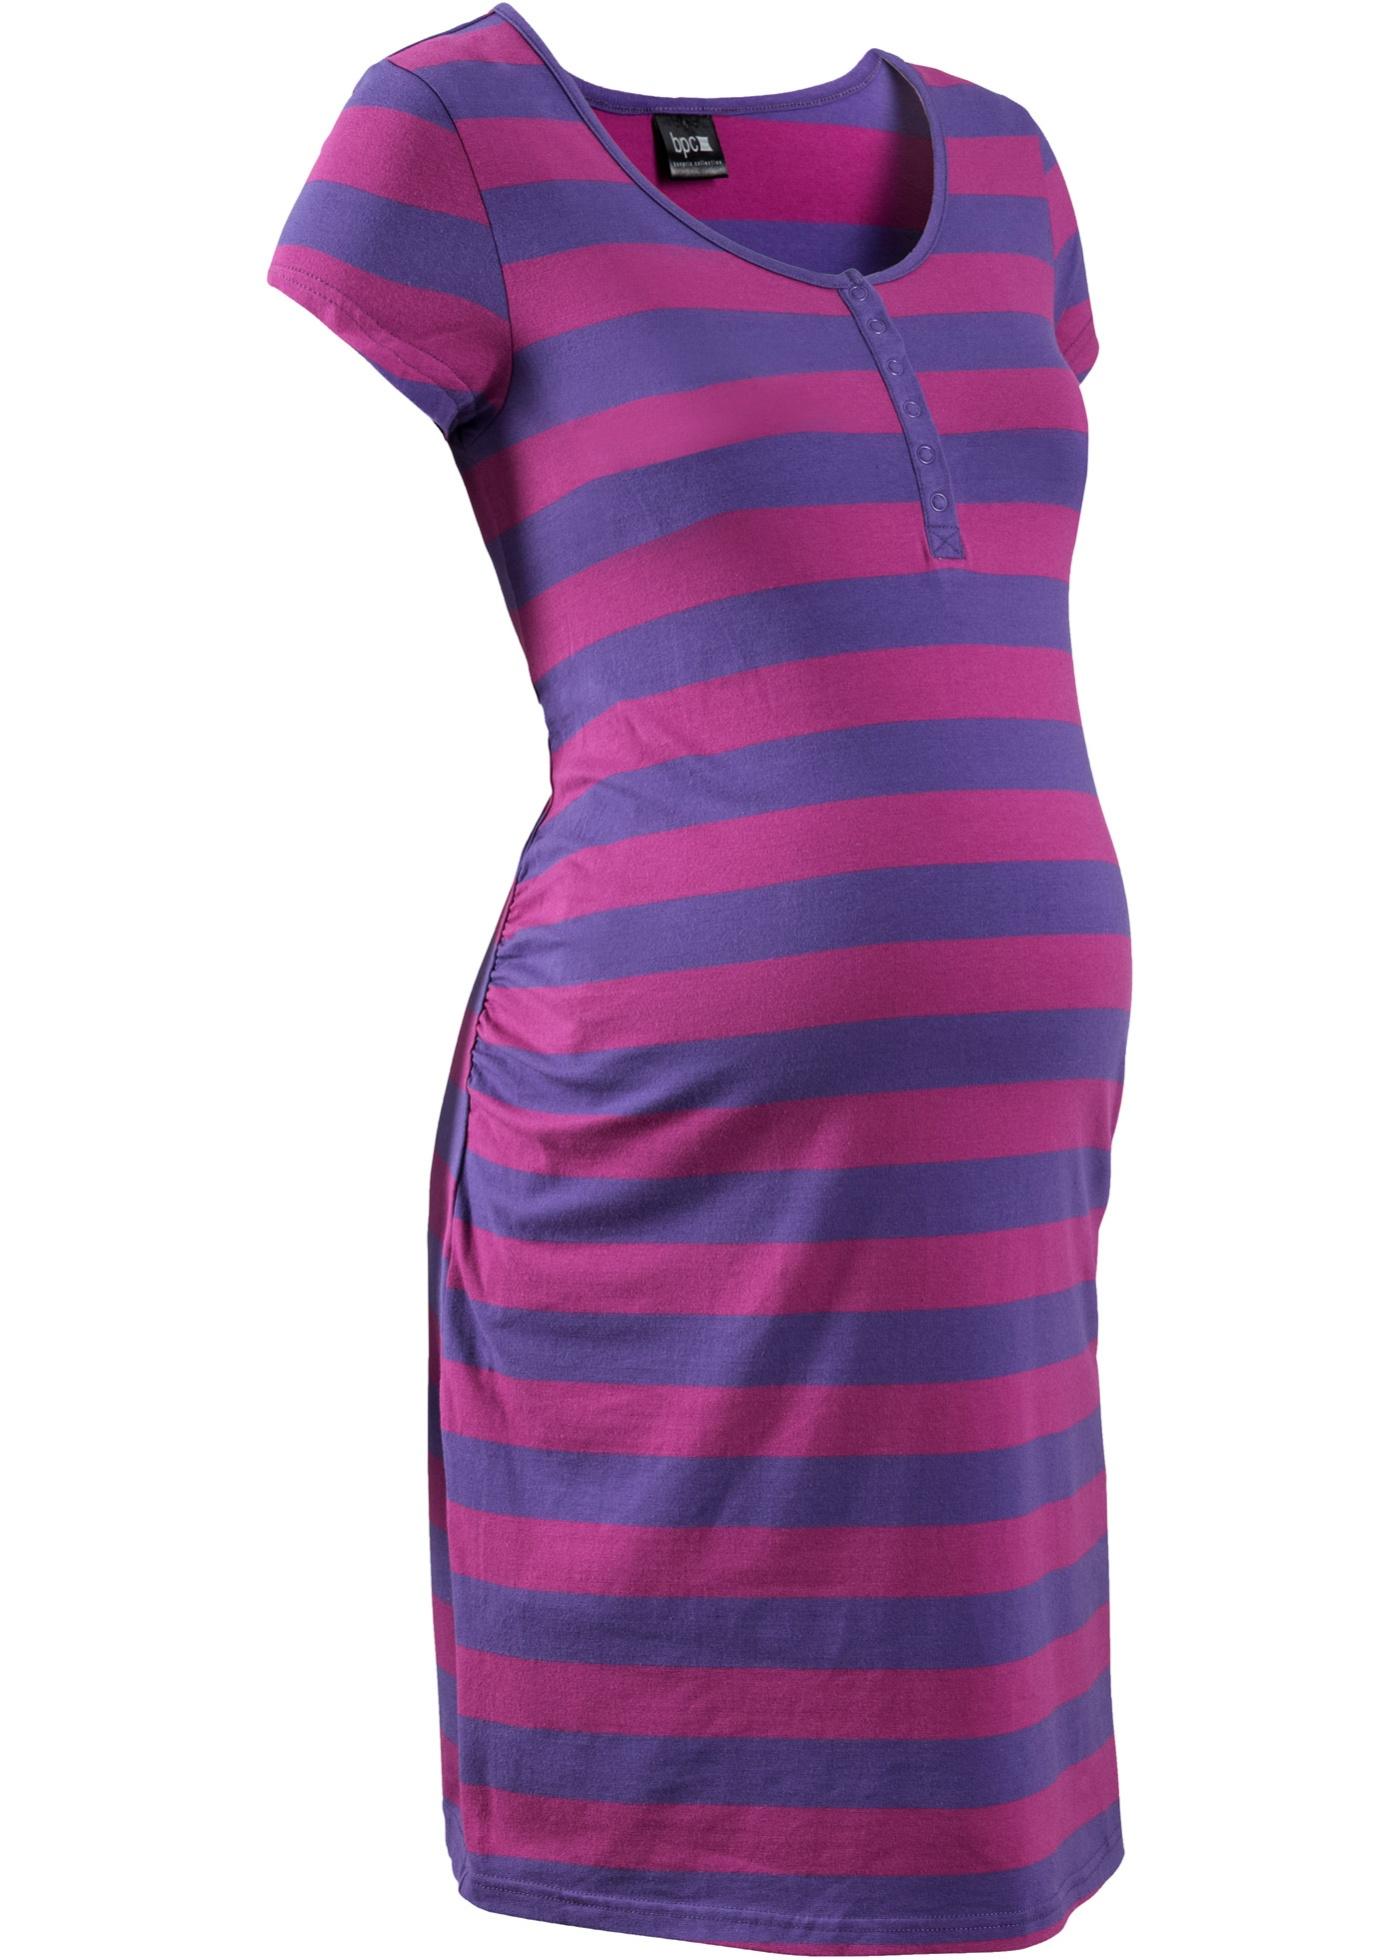 Camicia da notte per l'allattamento (viola) - bpc bonprix collection - Nice Size